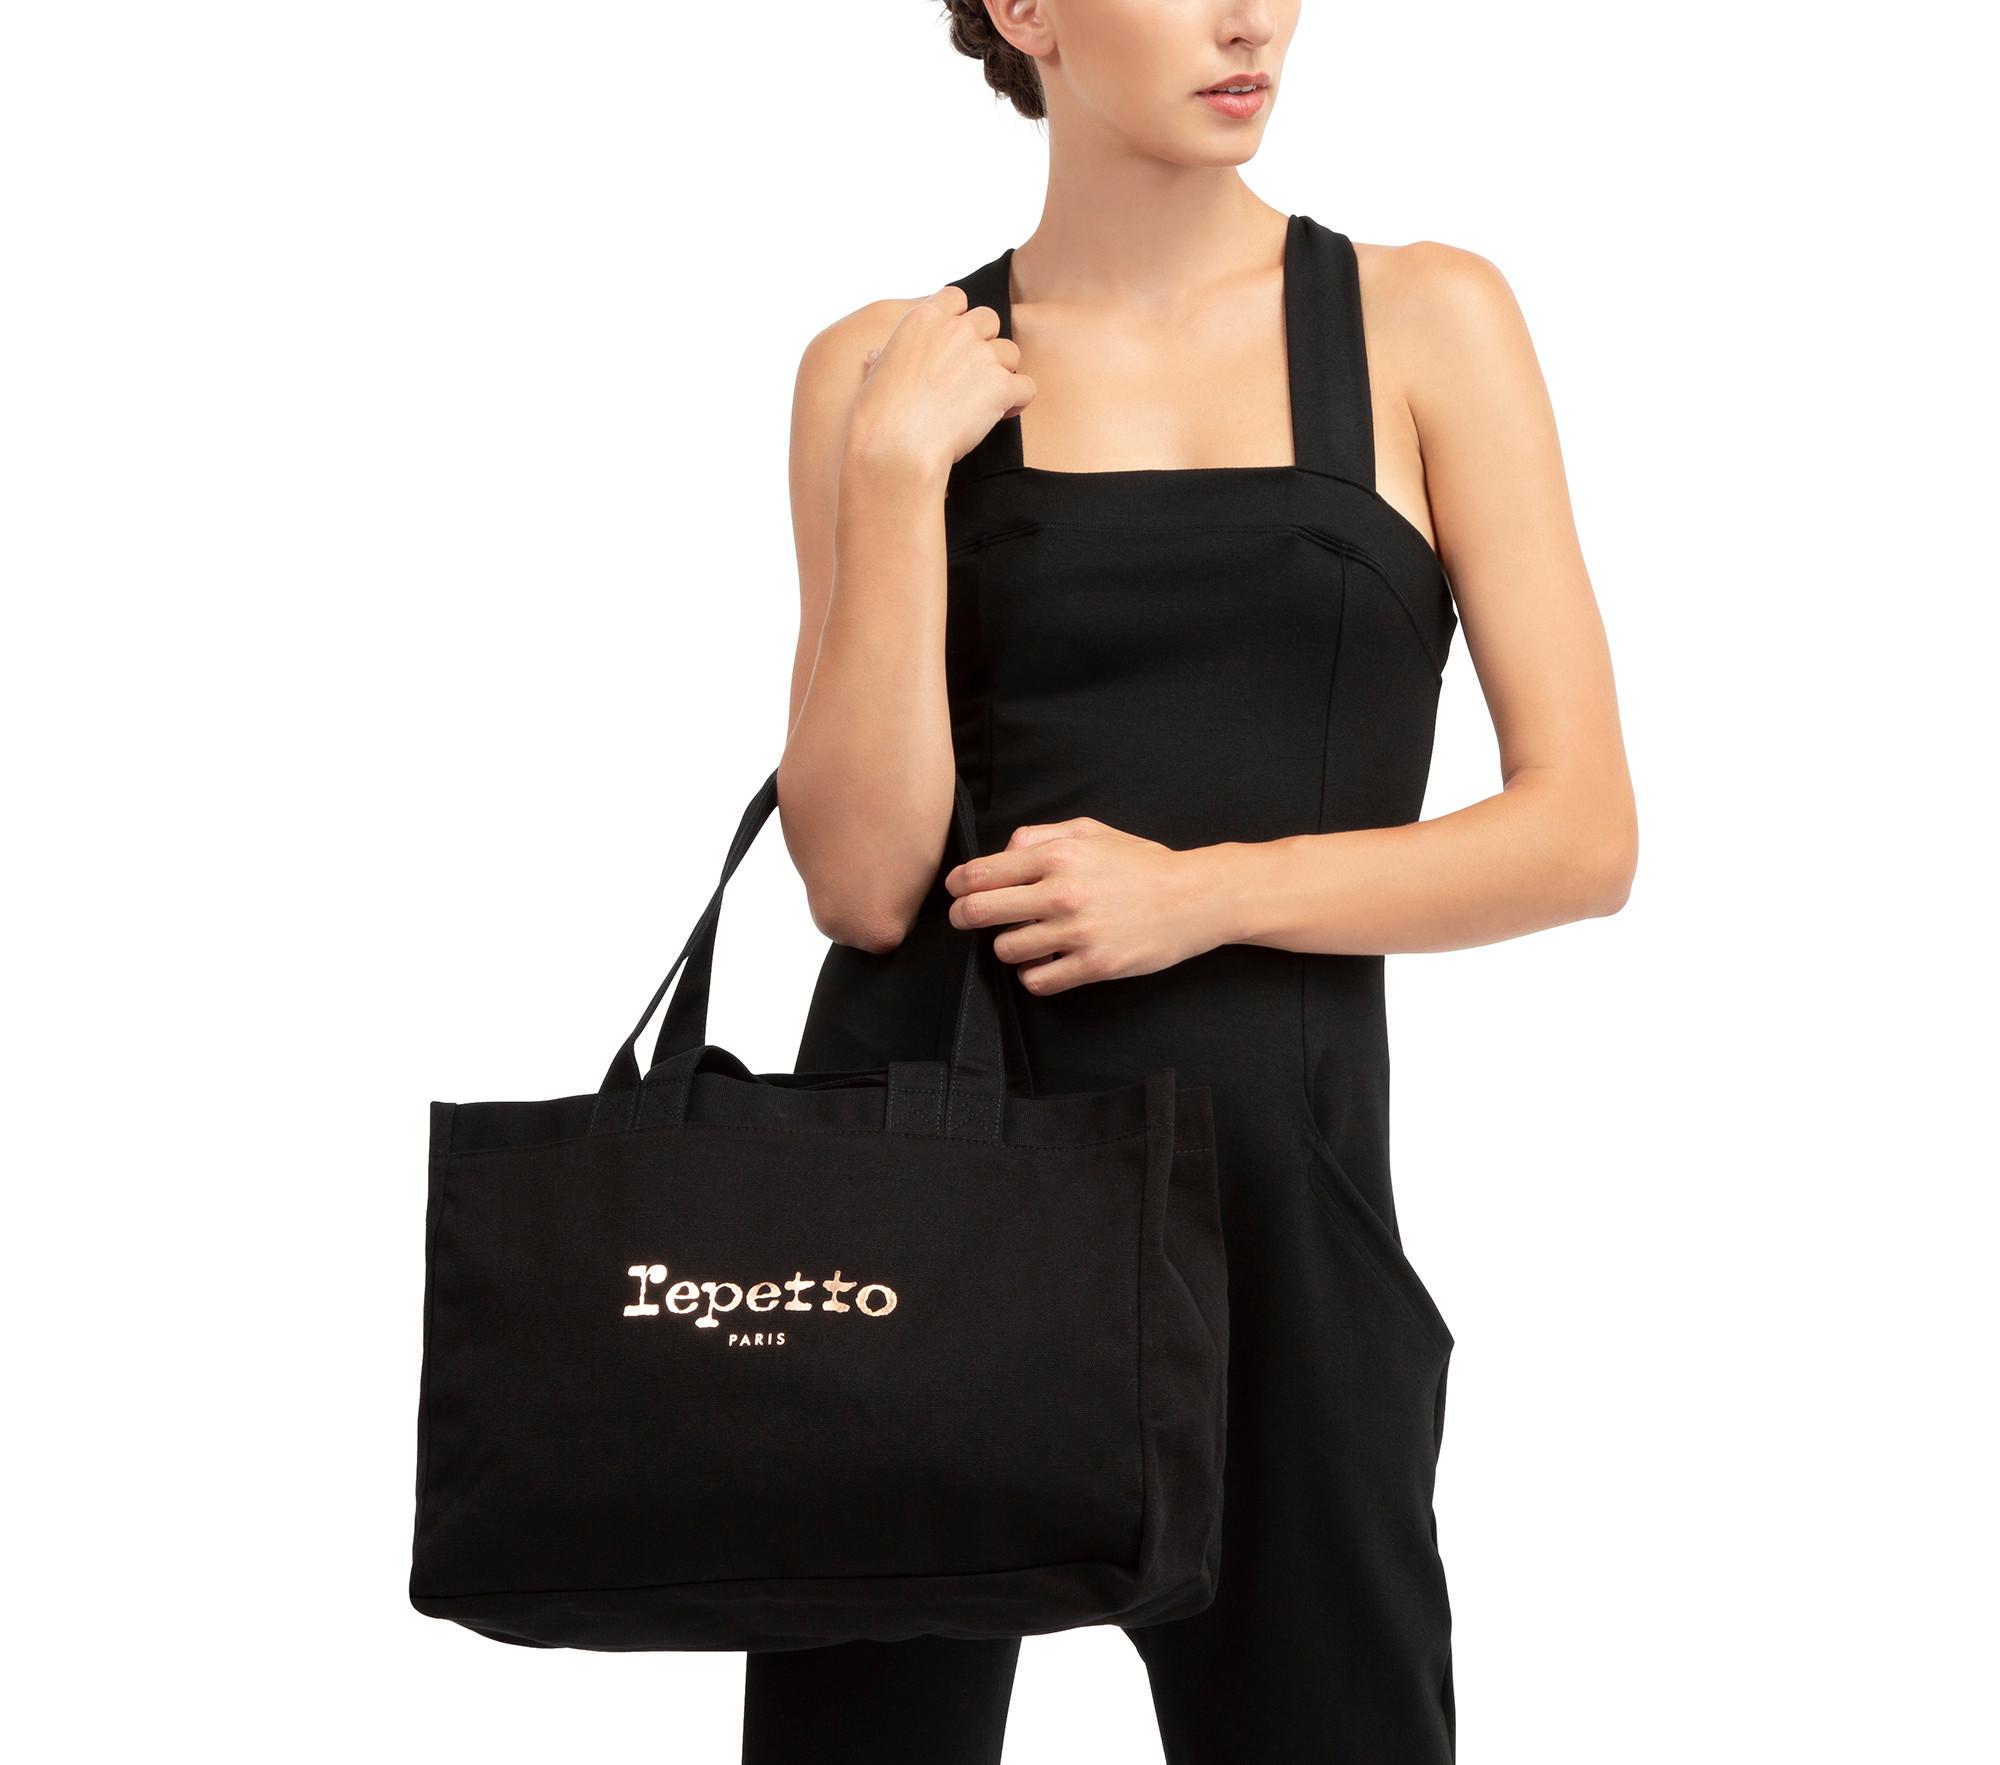 Ballerine shopper bag